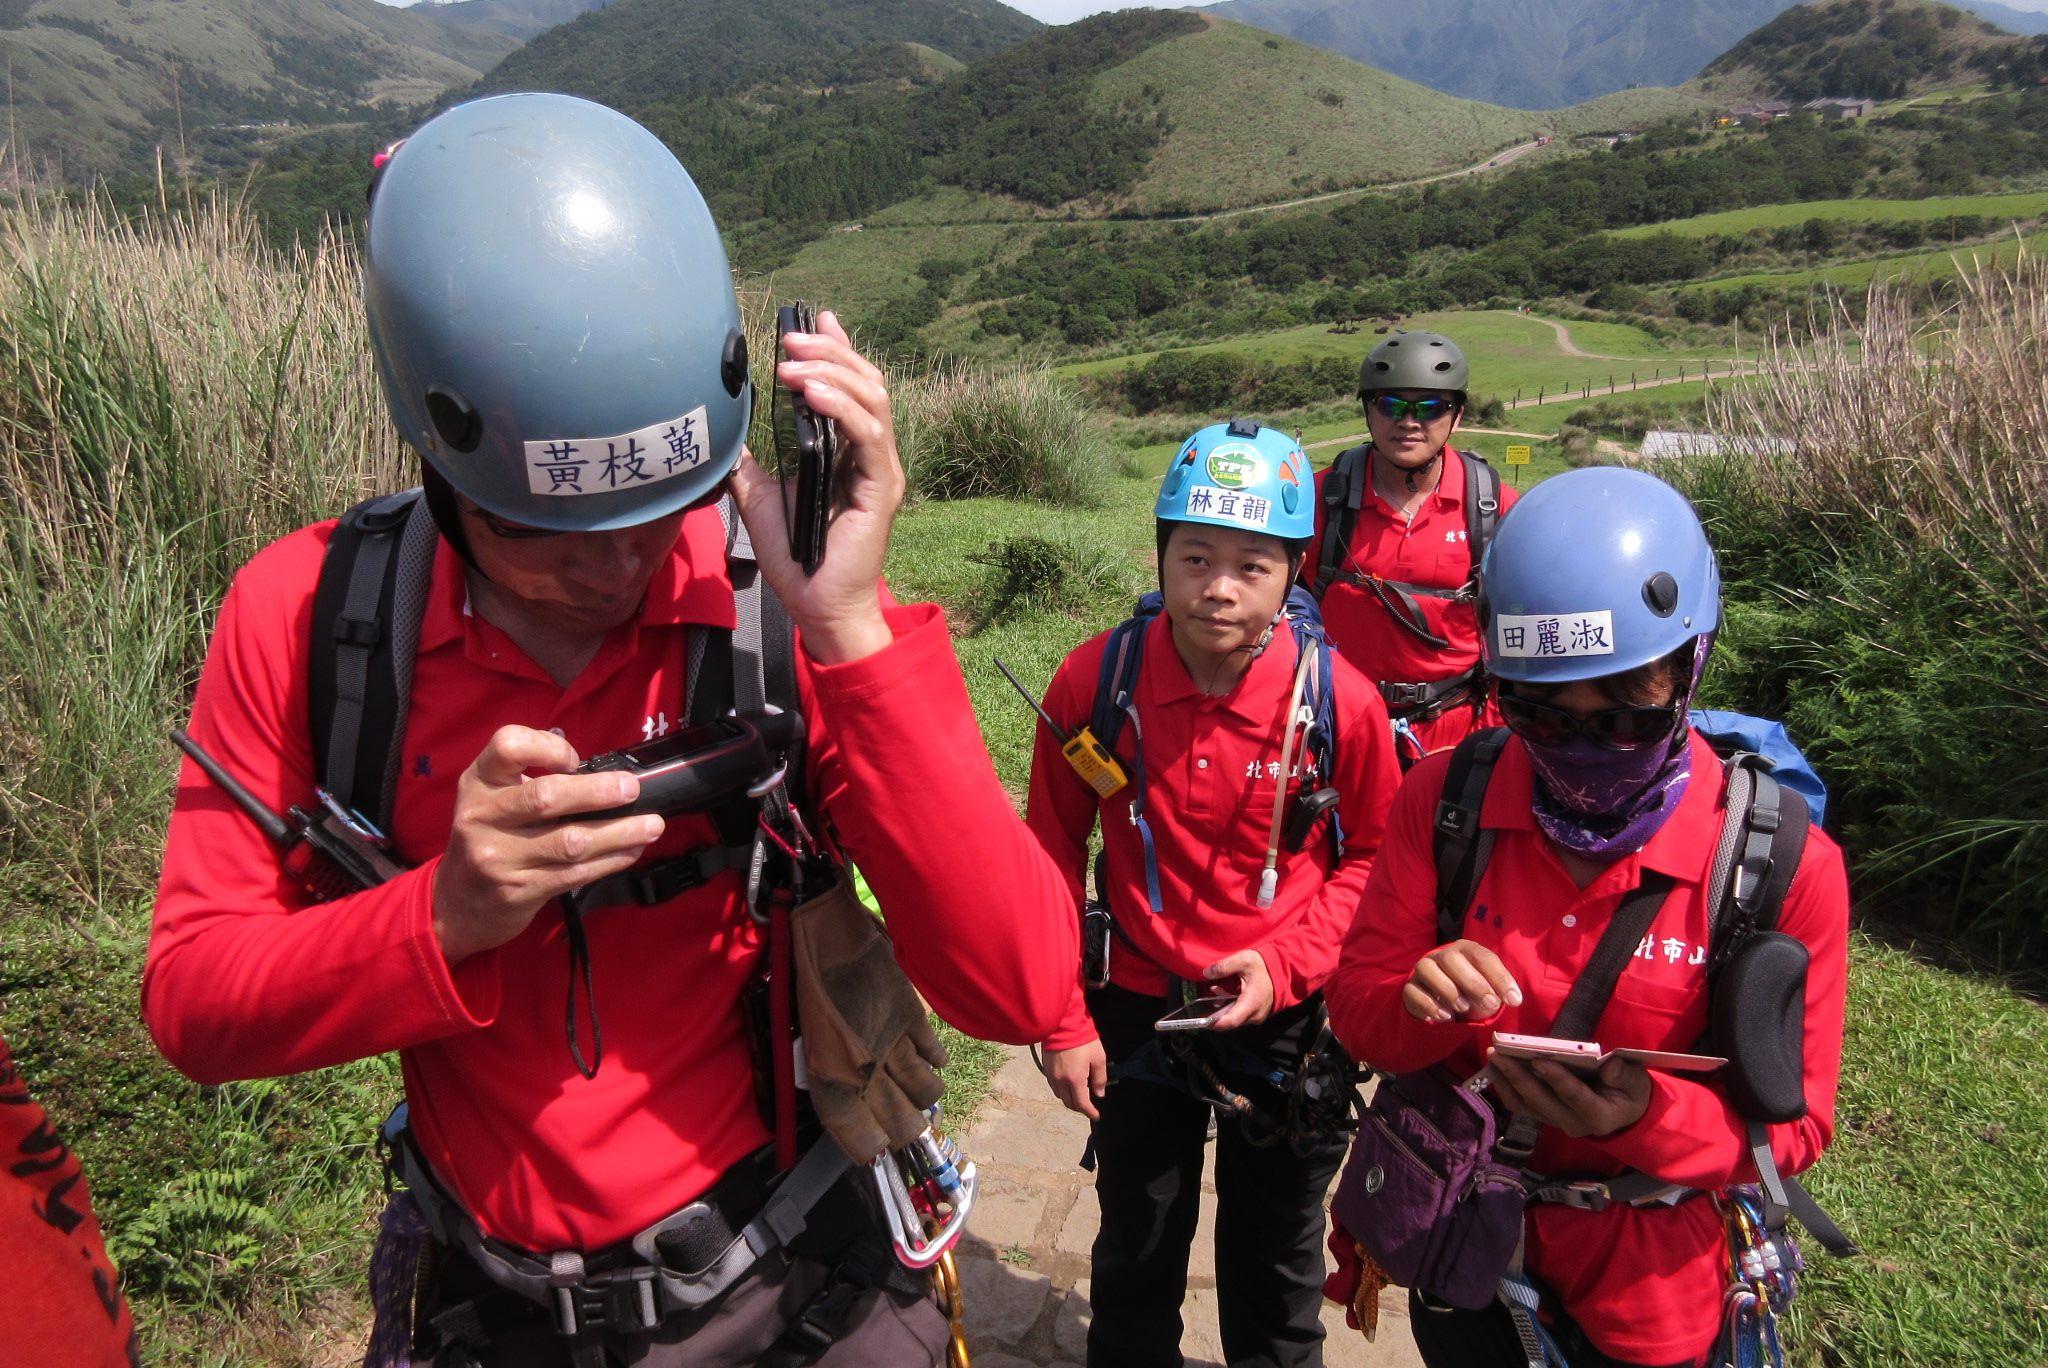 災害防救團體山上訓練照片